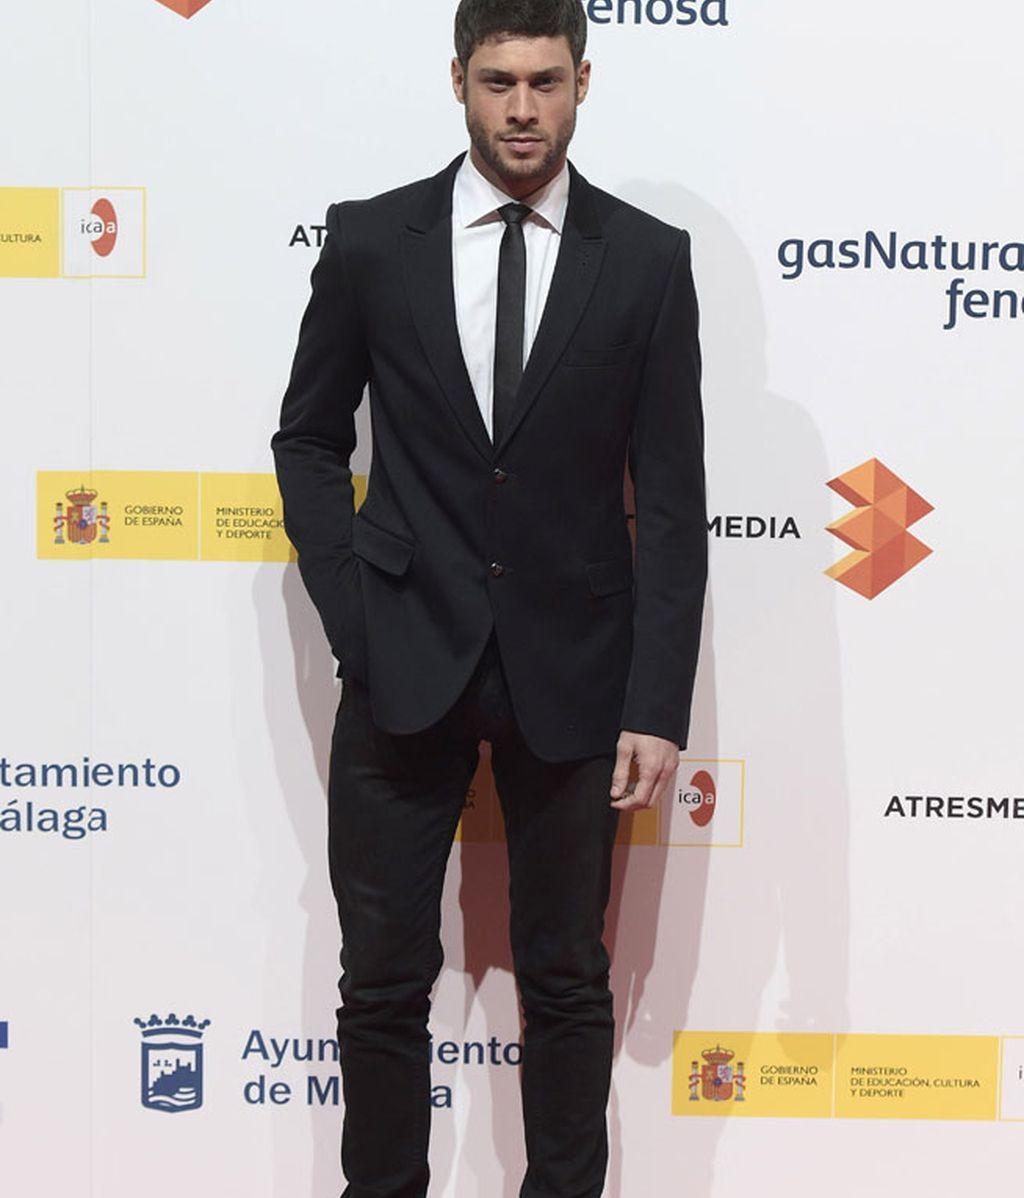 El actor José Lamuño, dándole un toque informal a su look con deportivas plateadas